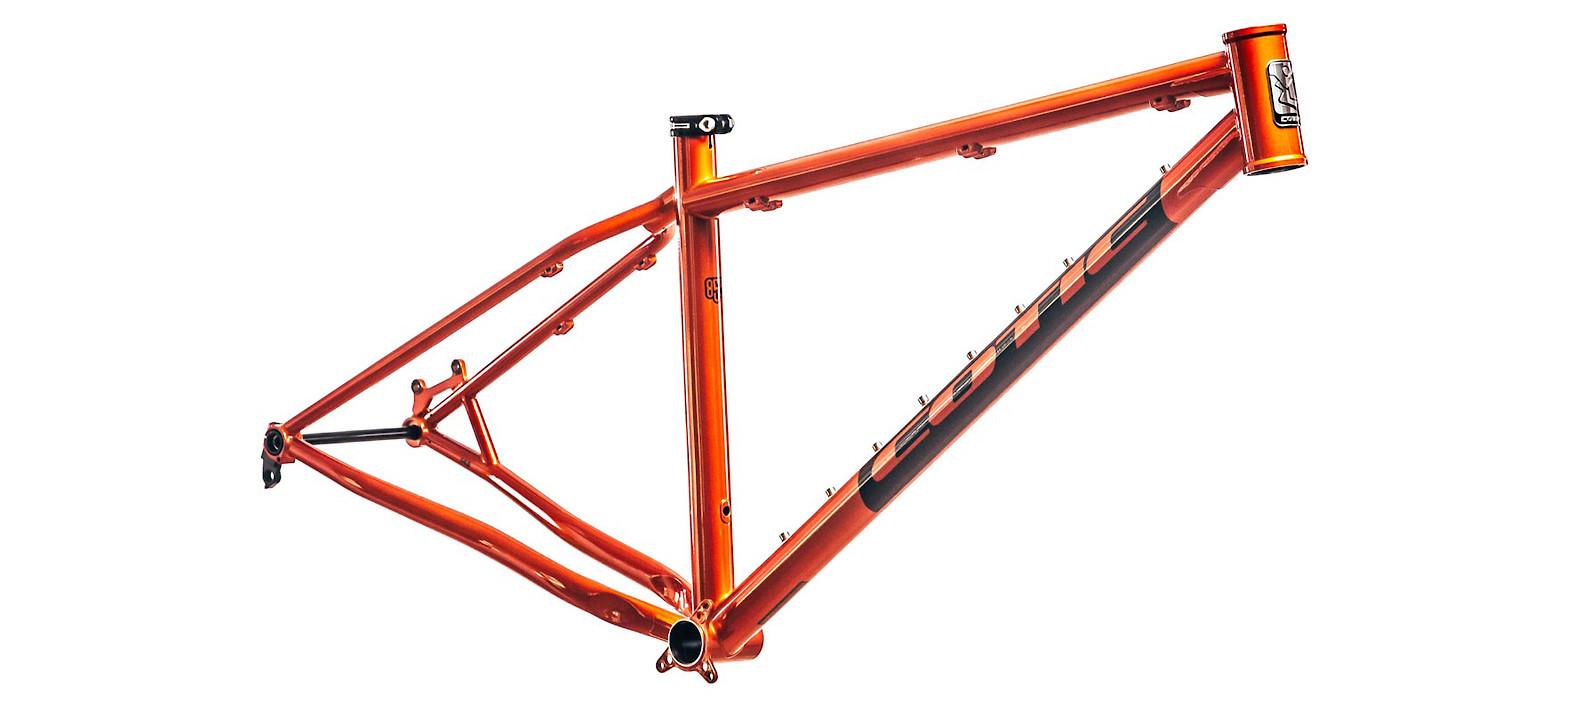 Cotic SolarisMAX (Supernova Orange)